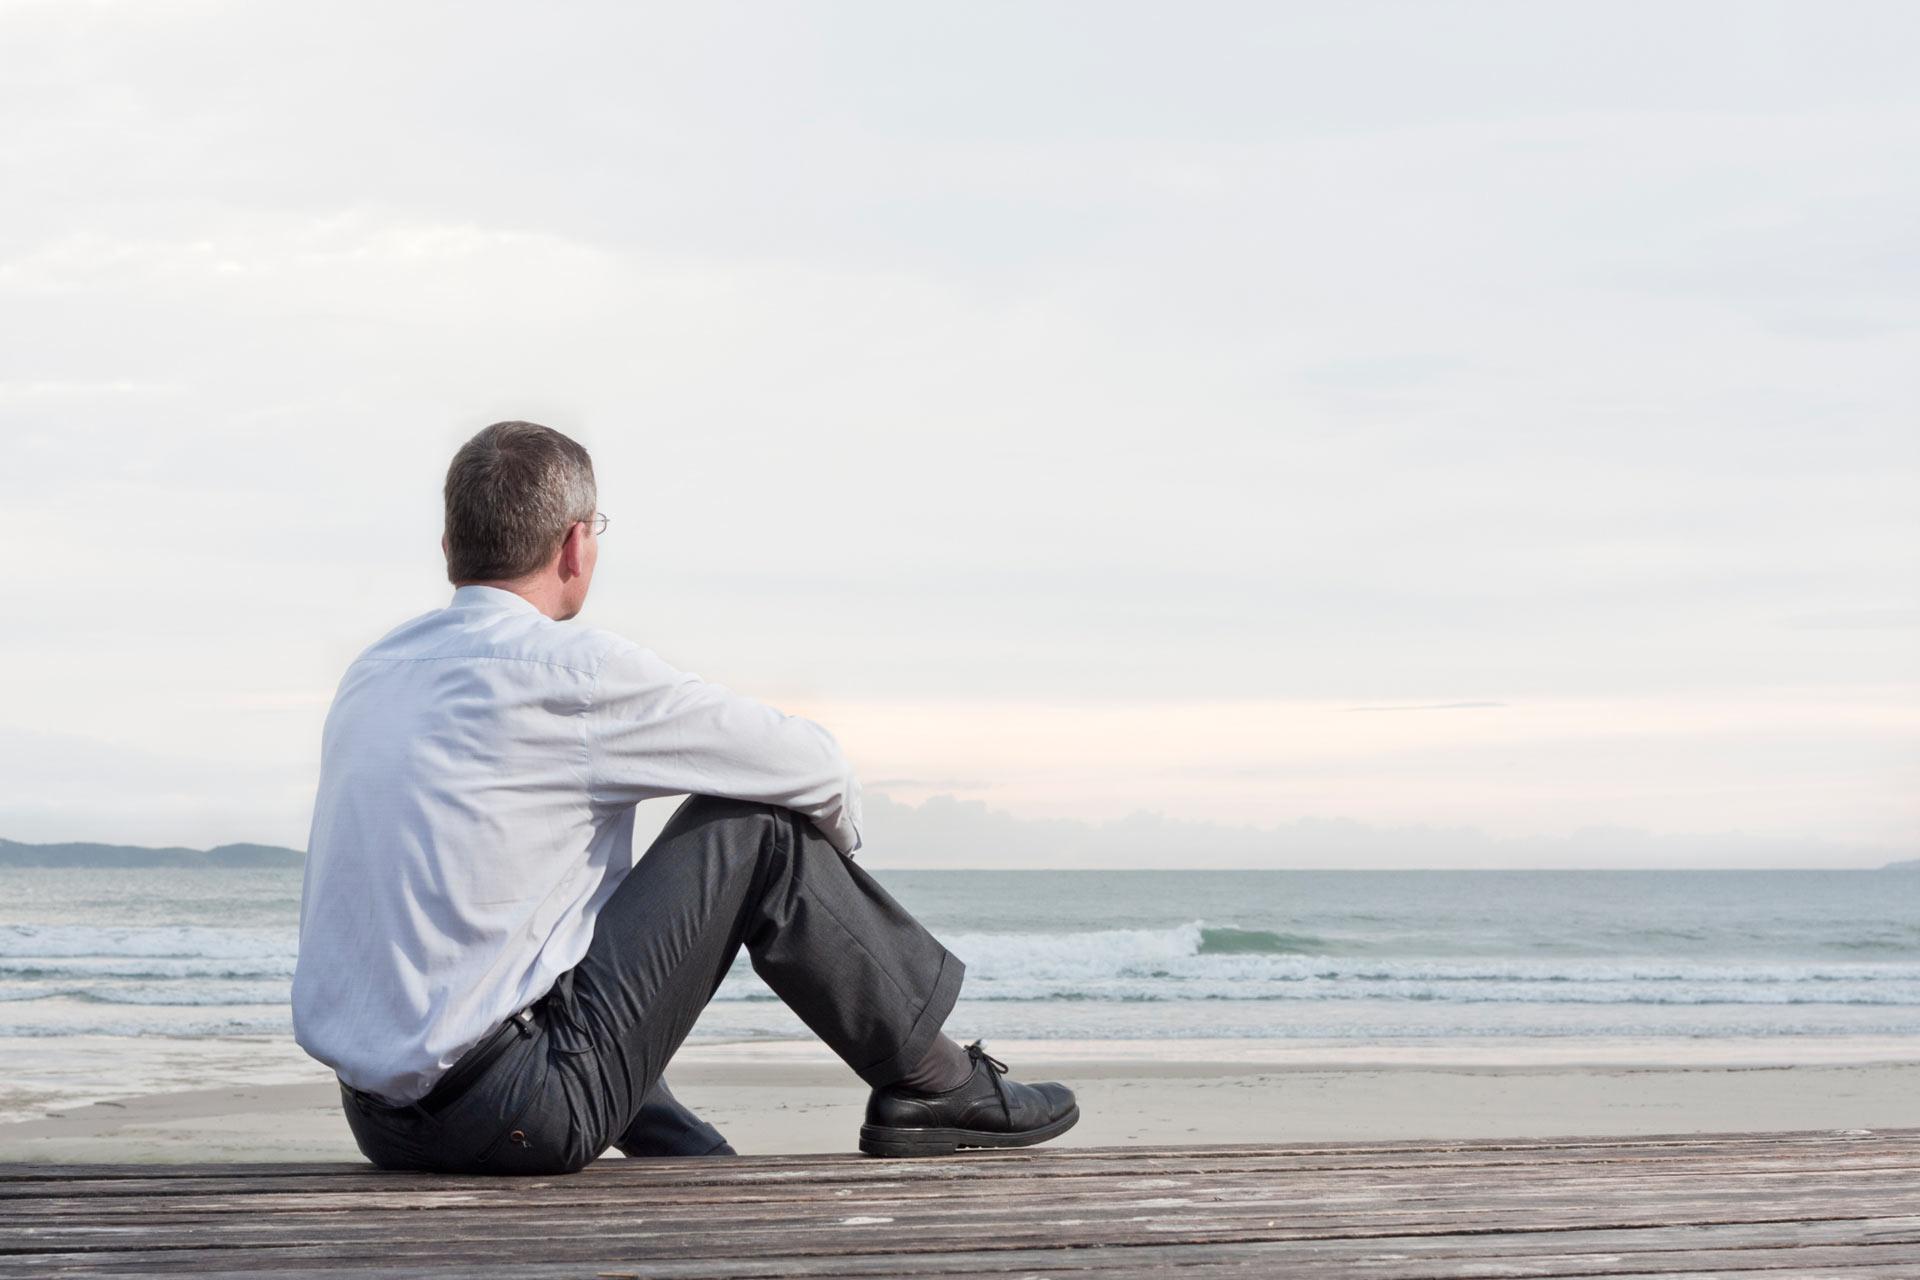 Вебинар: Состояние уверенности и спокойствия как важный фактор успешного бизнеса